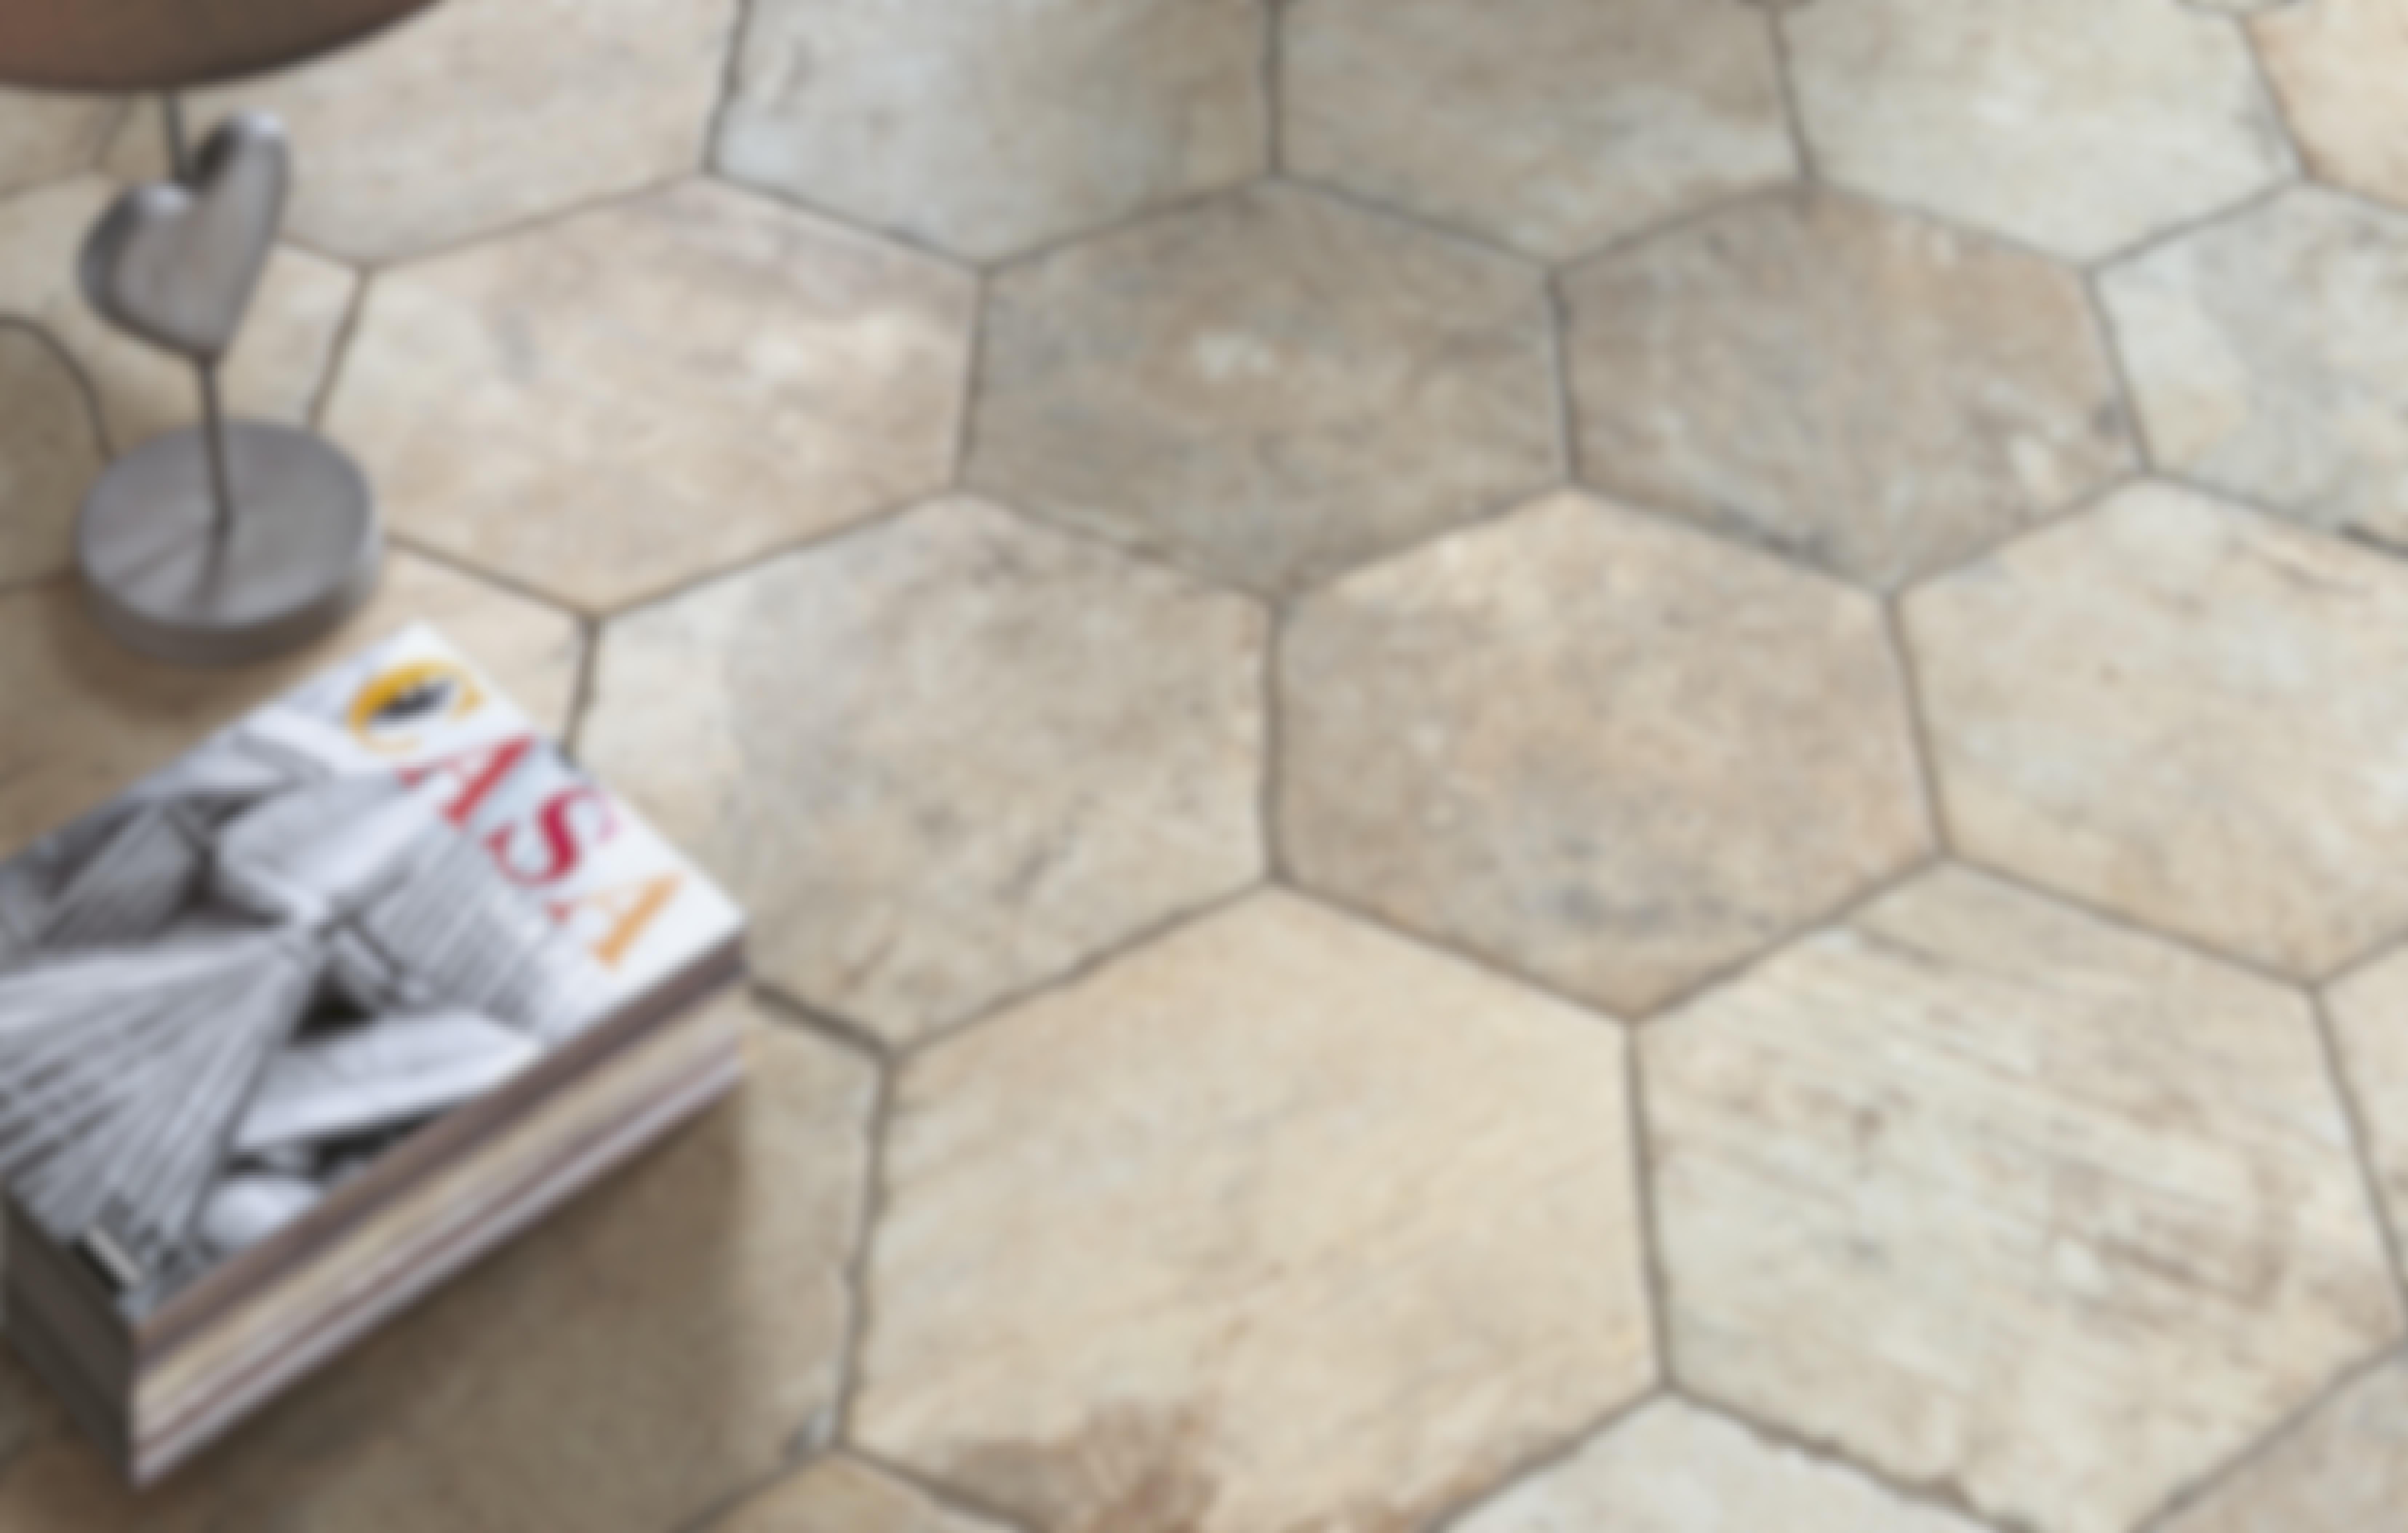 **PLATTOR** Keramiska plattor är ett samlingsnamn för kakel och klinker som används i bostaden. Vill du använda plattorna utomhus måste du först ta reda på om de tål frost.